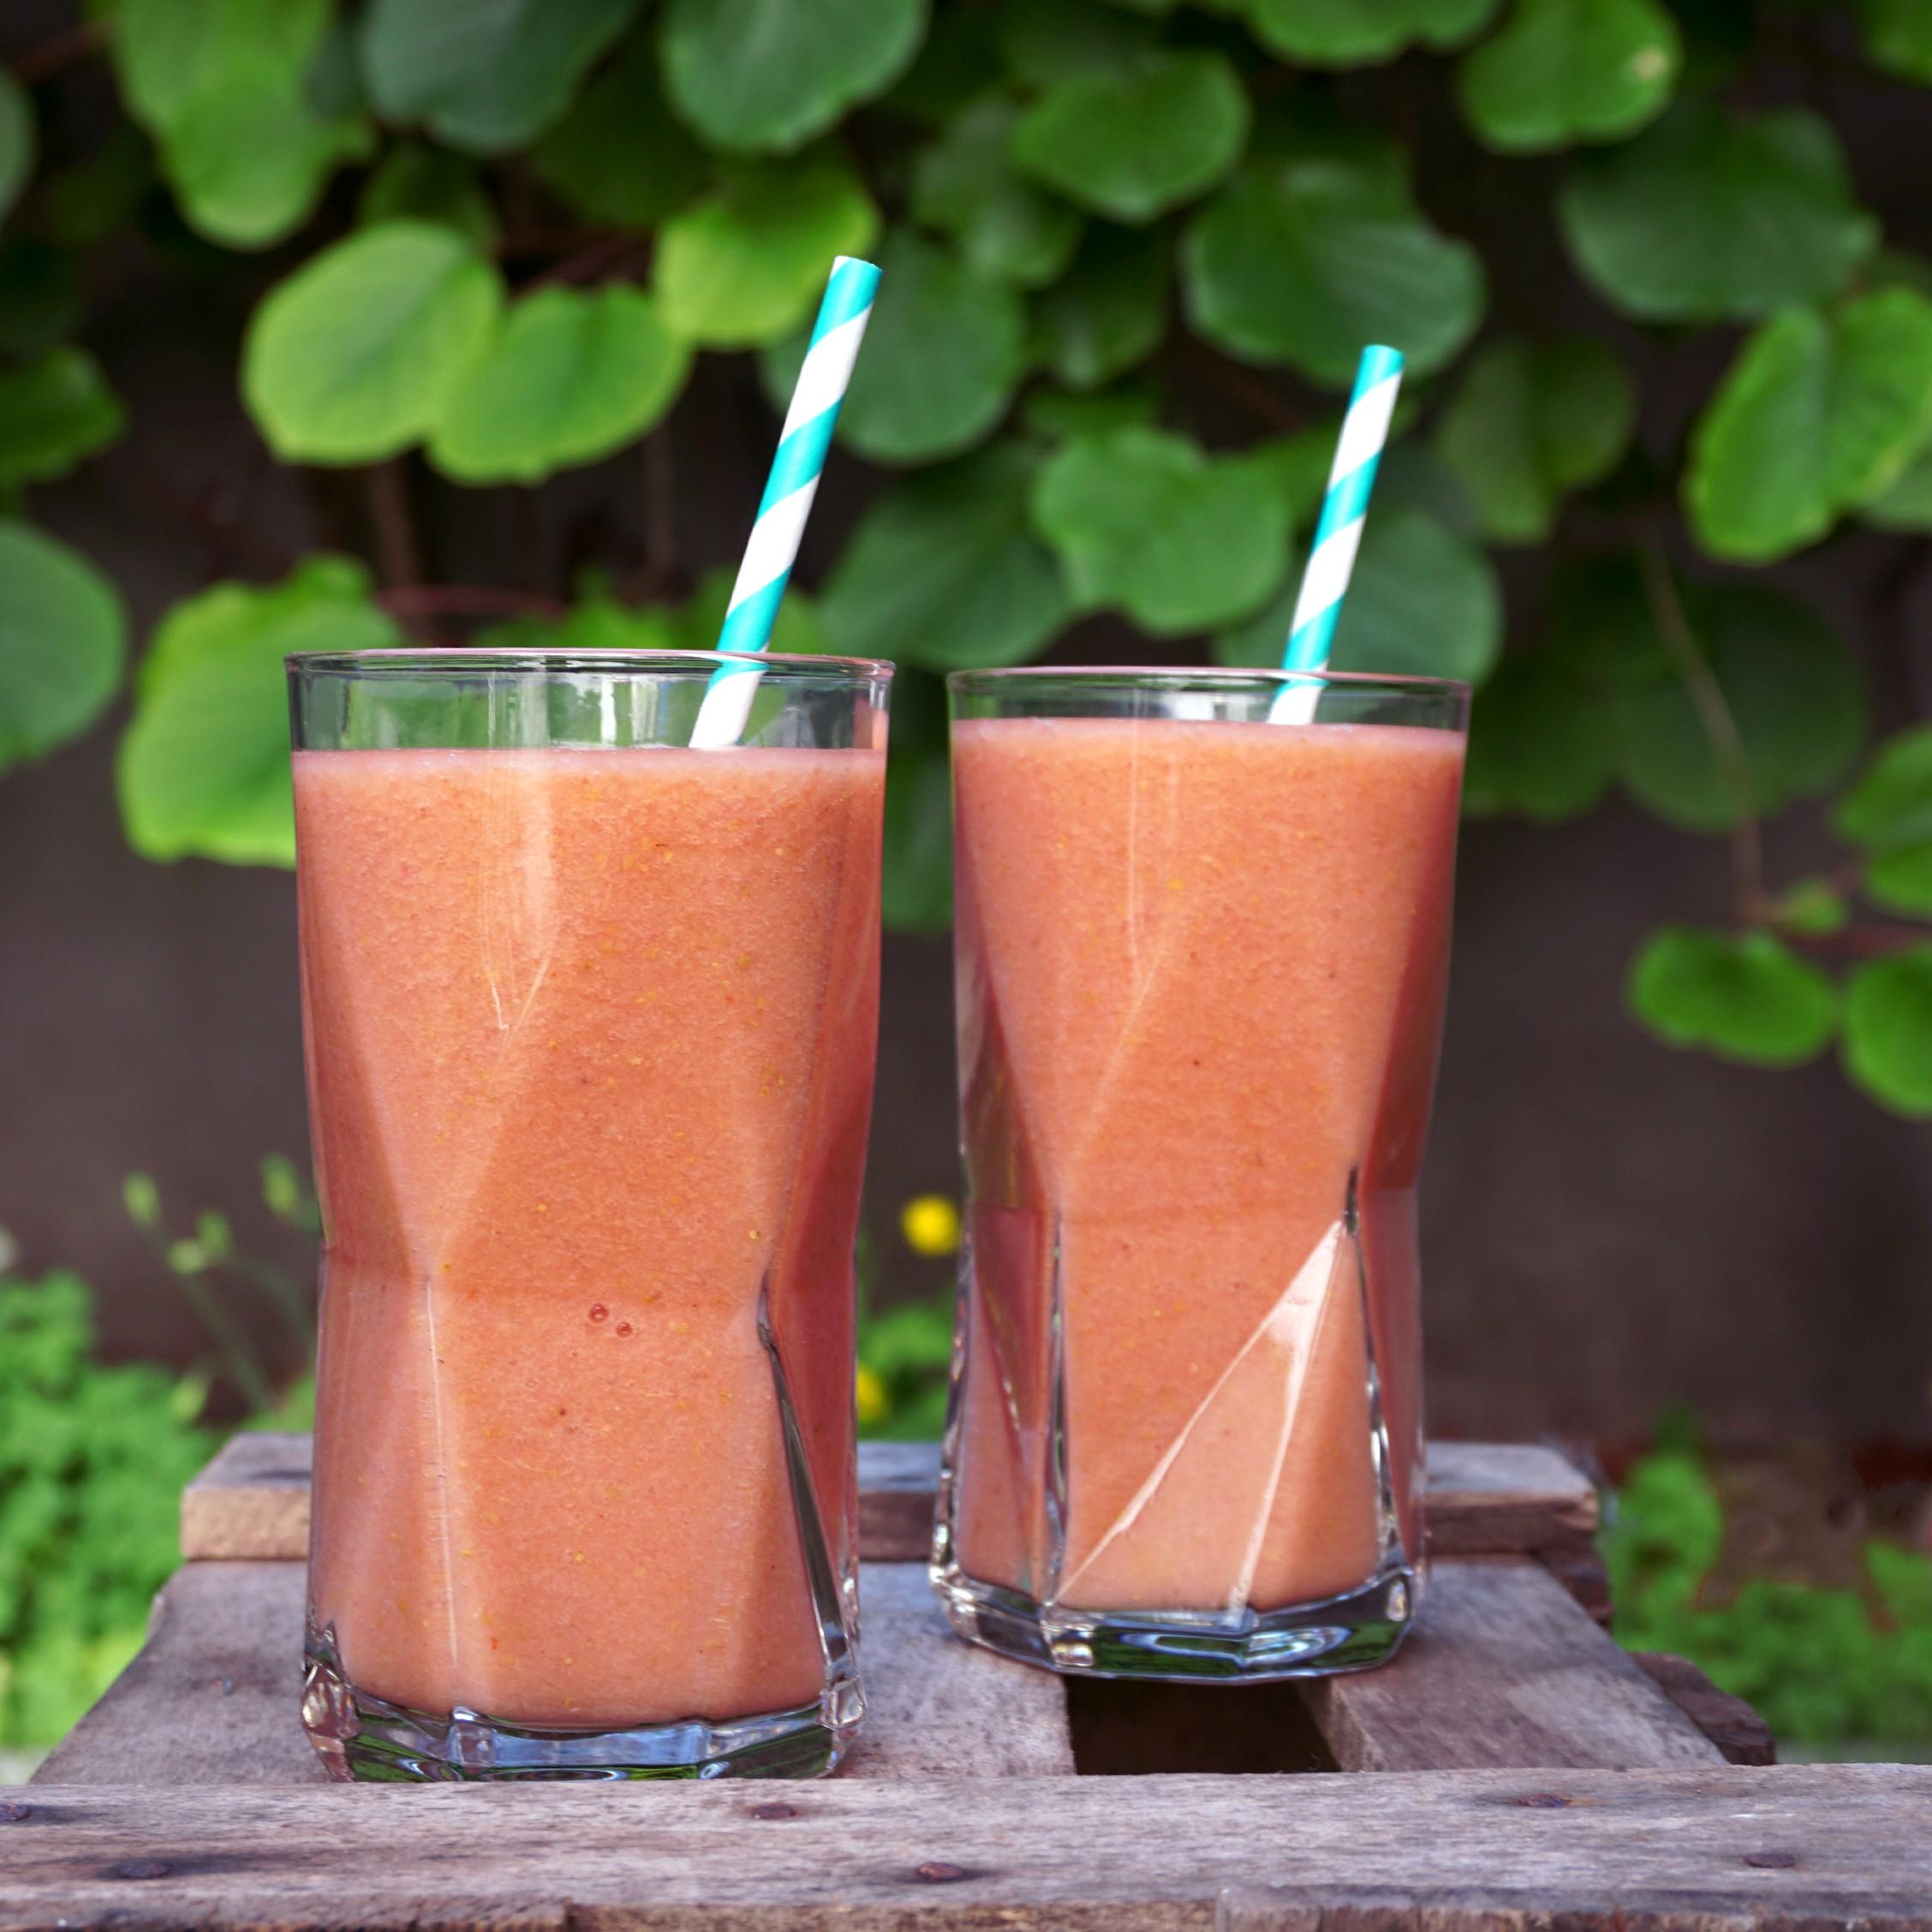 01_smoothie-sunday_birne-erdbeer-smoothie_titelbild